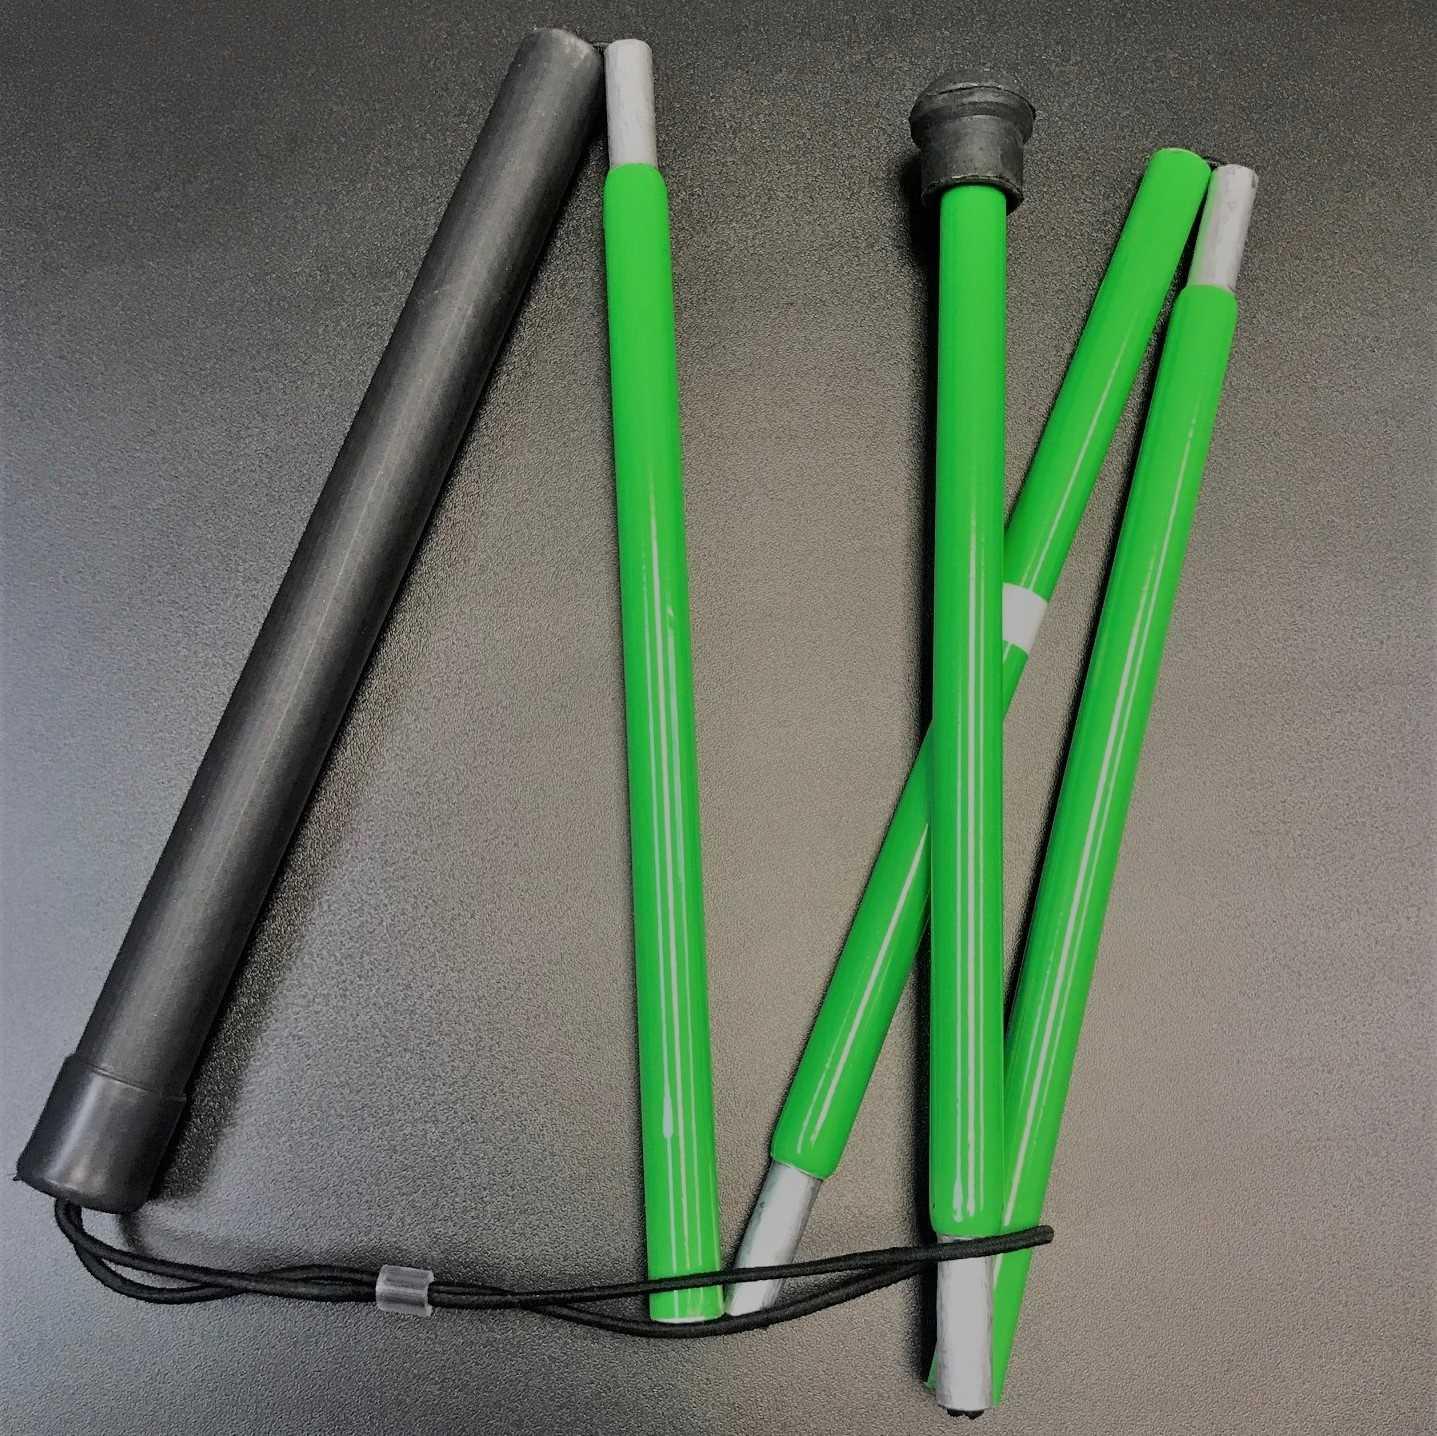 Bengala Verde para Baixa Visão Dobrável em 5 partes - 1,15m